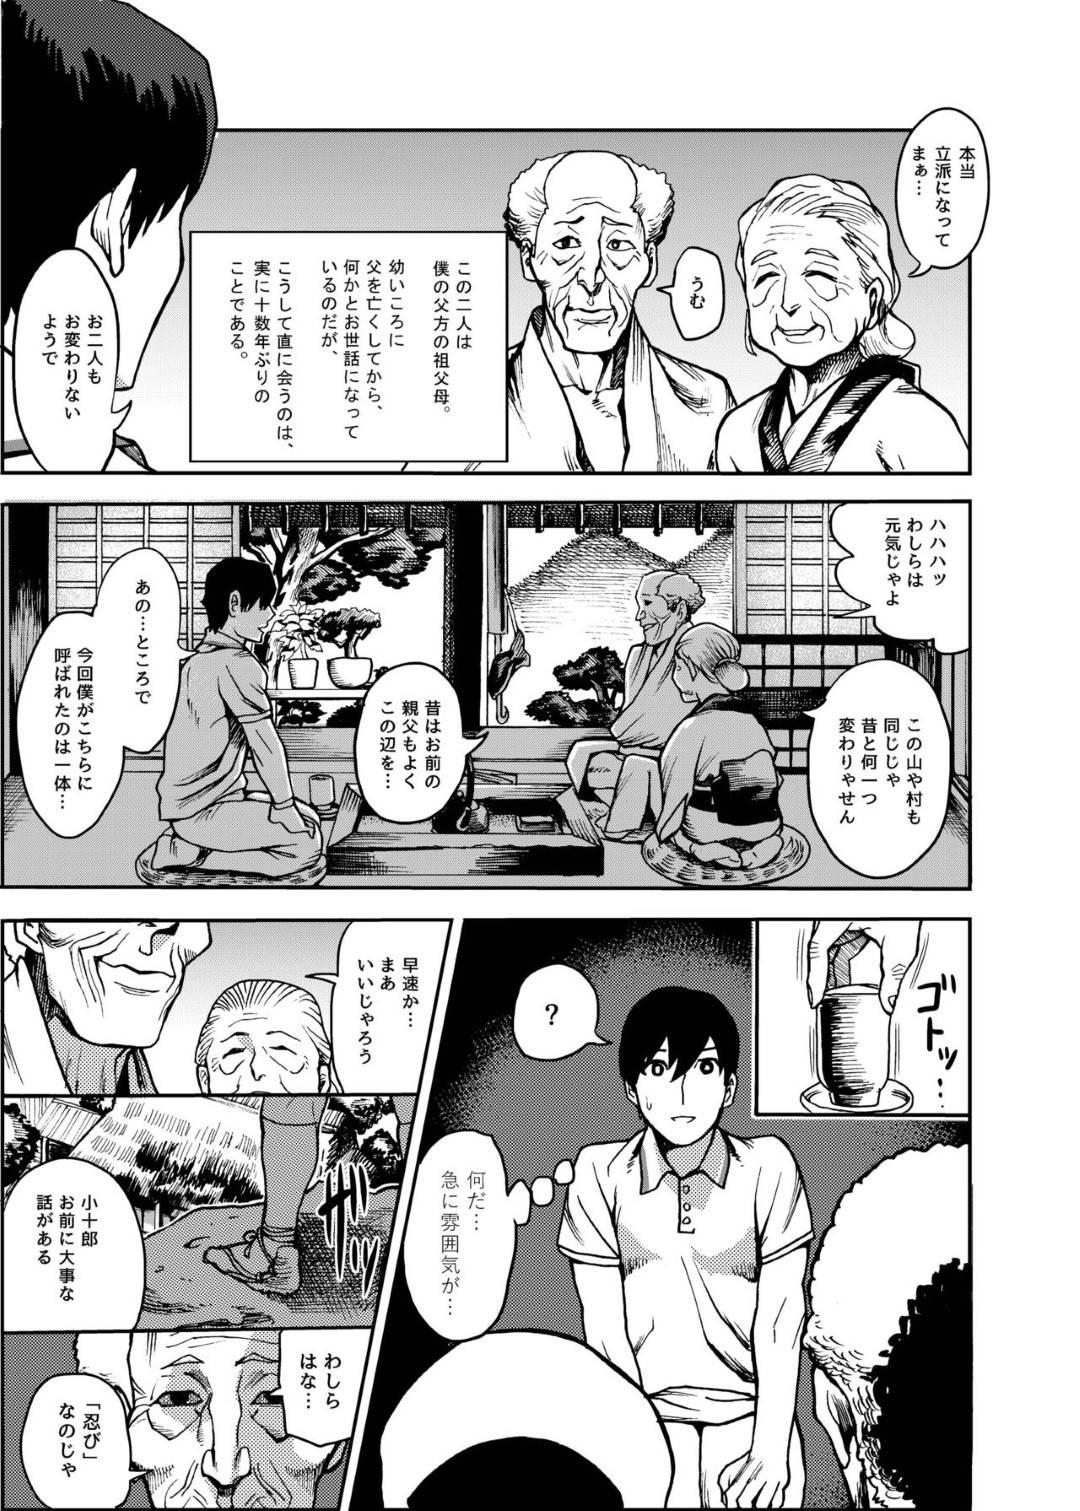 【エロ漫画】子作りをしたいかわいい忍者…逆レイプにフェラしたり騎乗位の中出しセックスでイチャイチャしちゃう!【一煉托生:おいでよ!くのいちの里 】